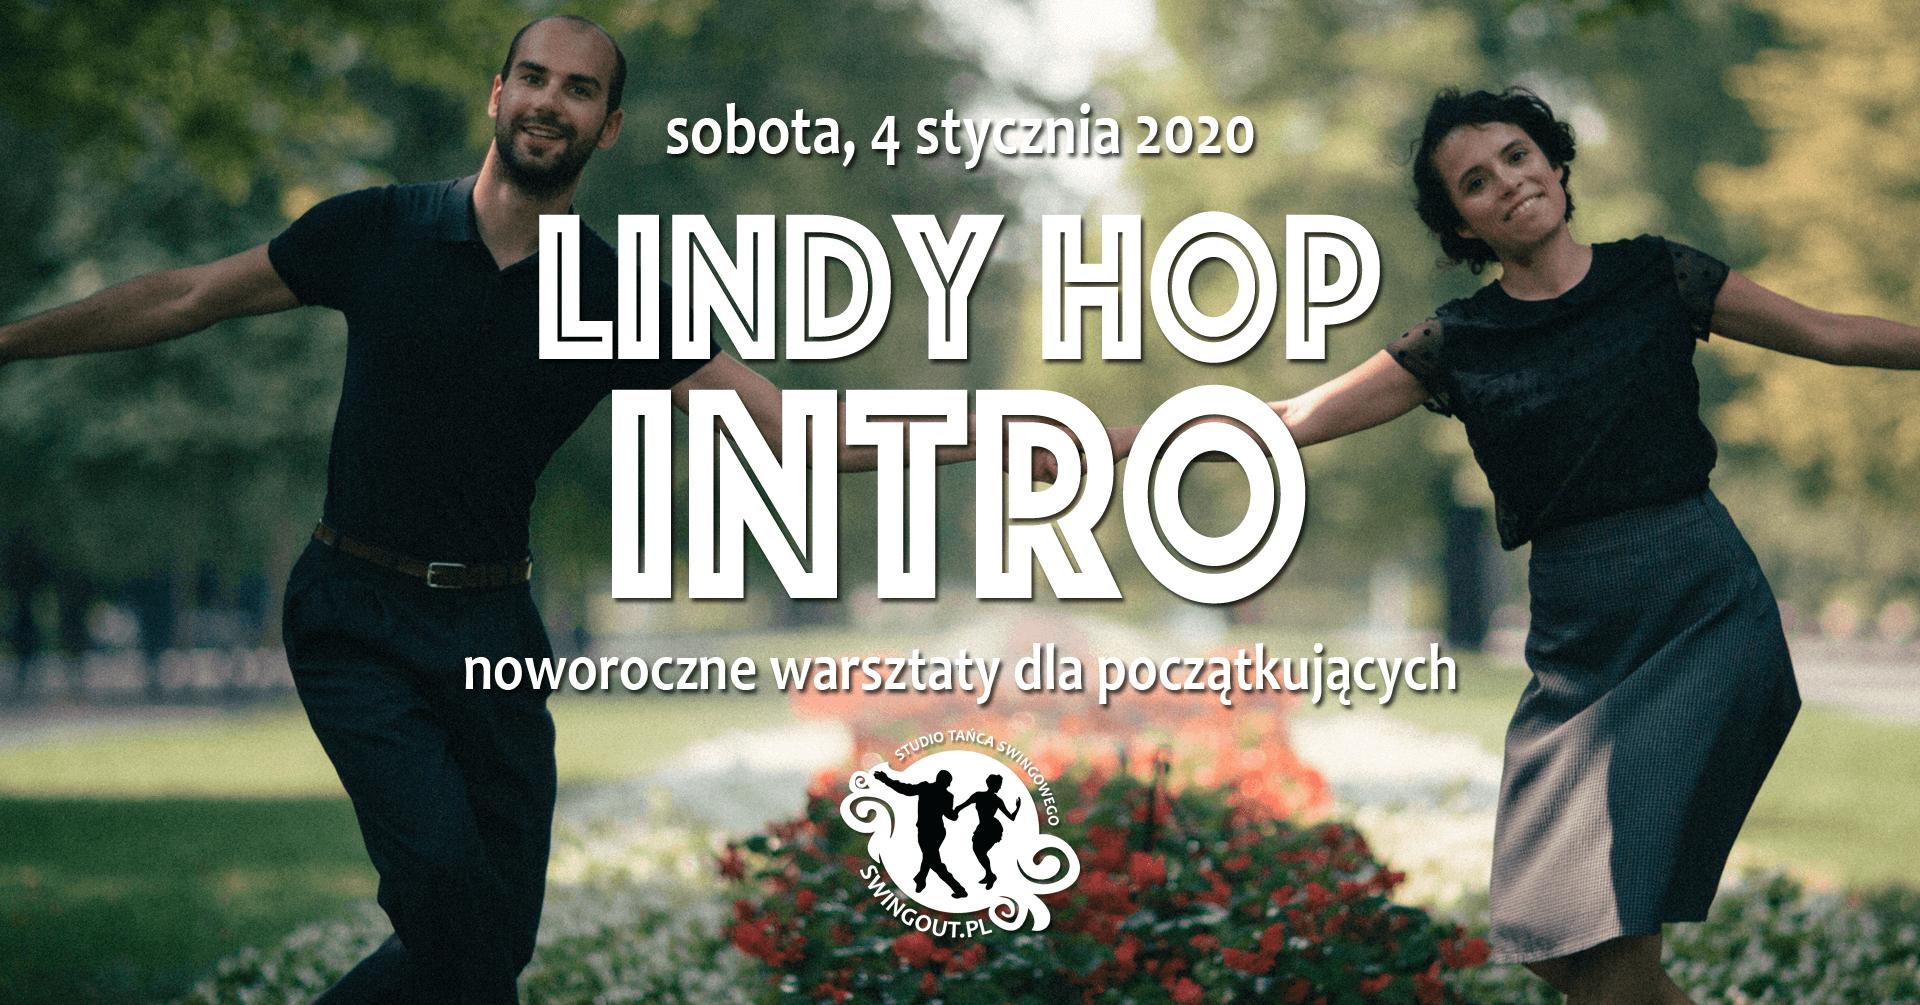 Warsztaty wprowadzające Lindy Hop Intro